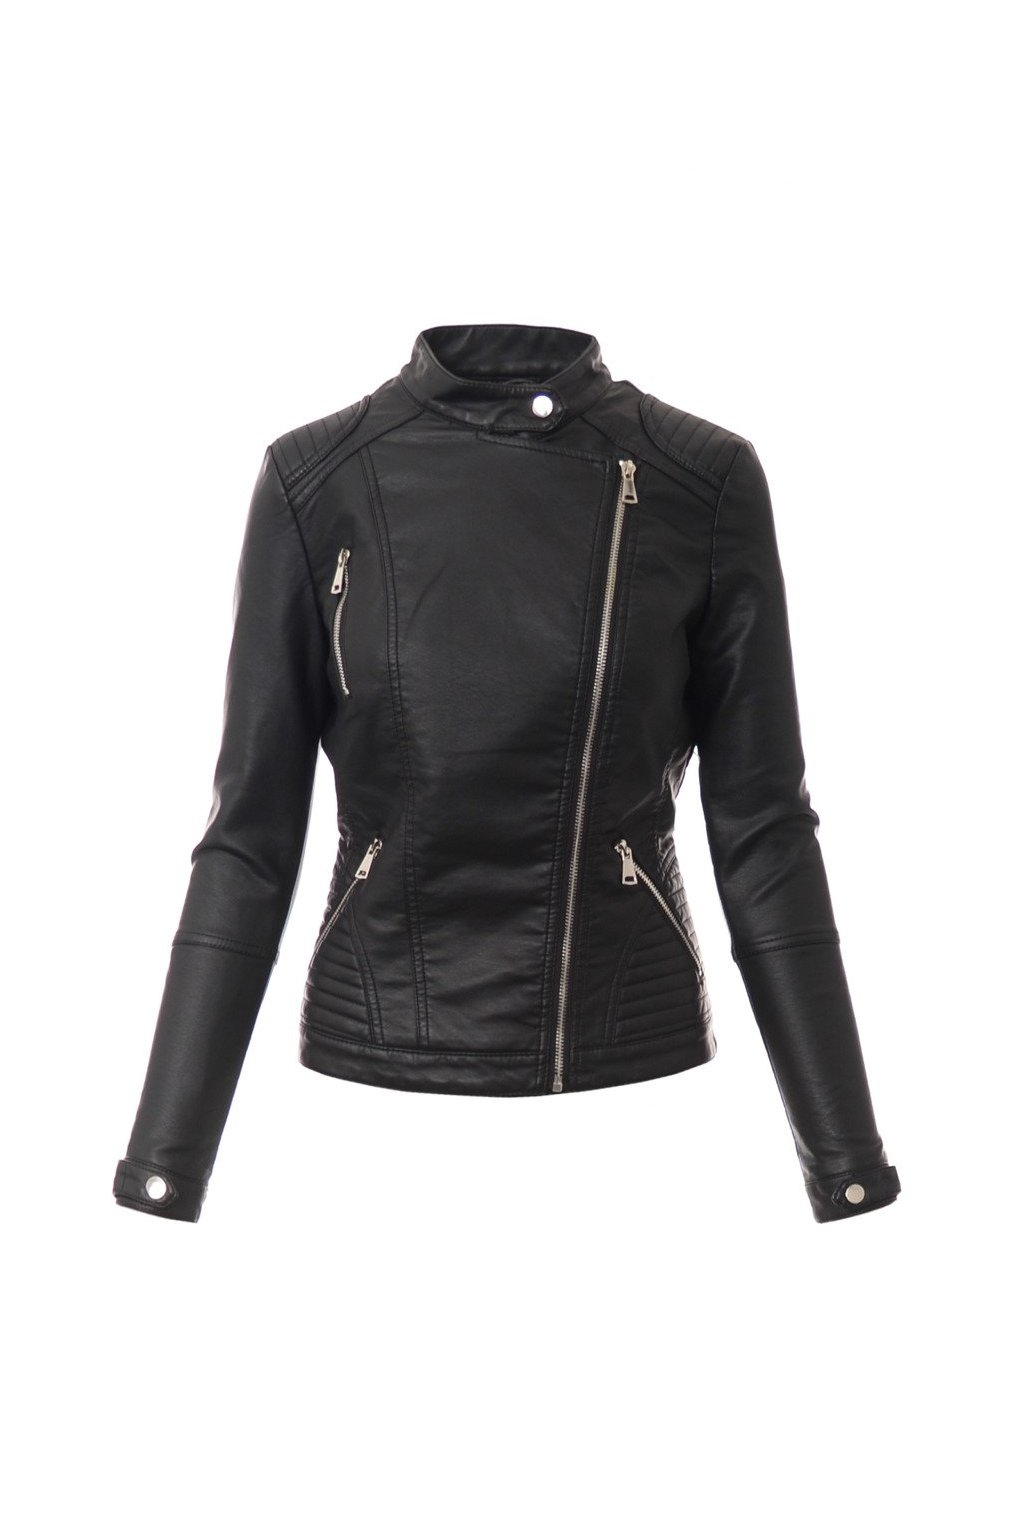 Dámska kožená bunda 4090 čierna